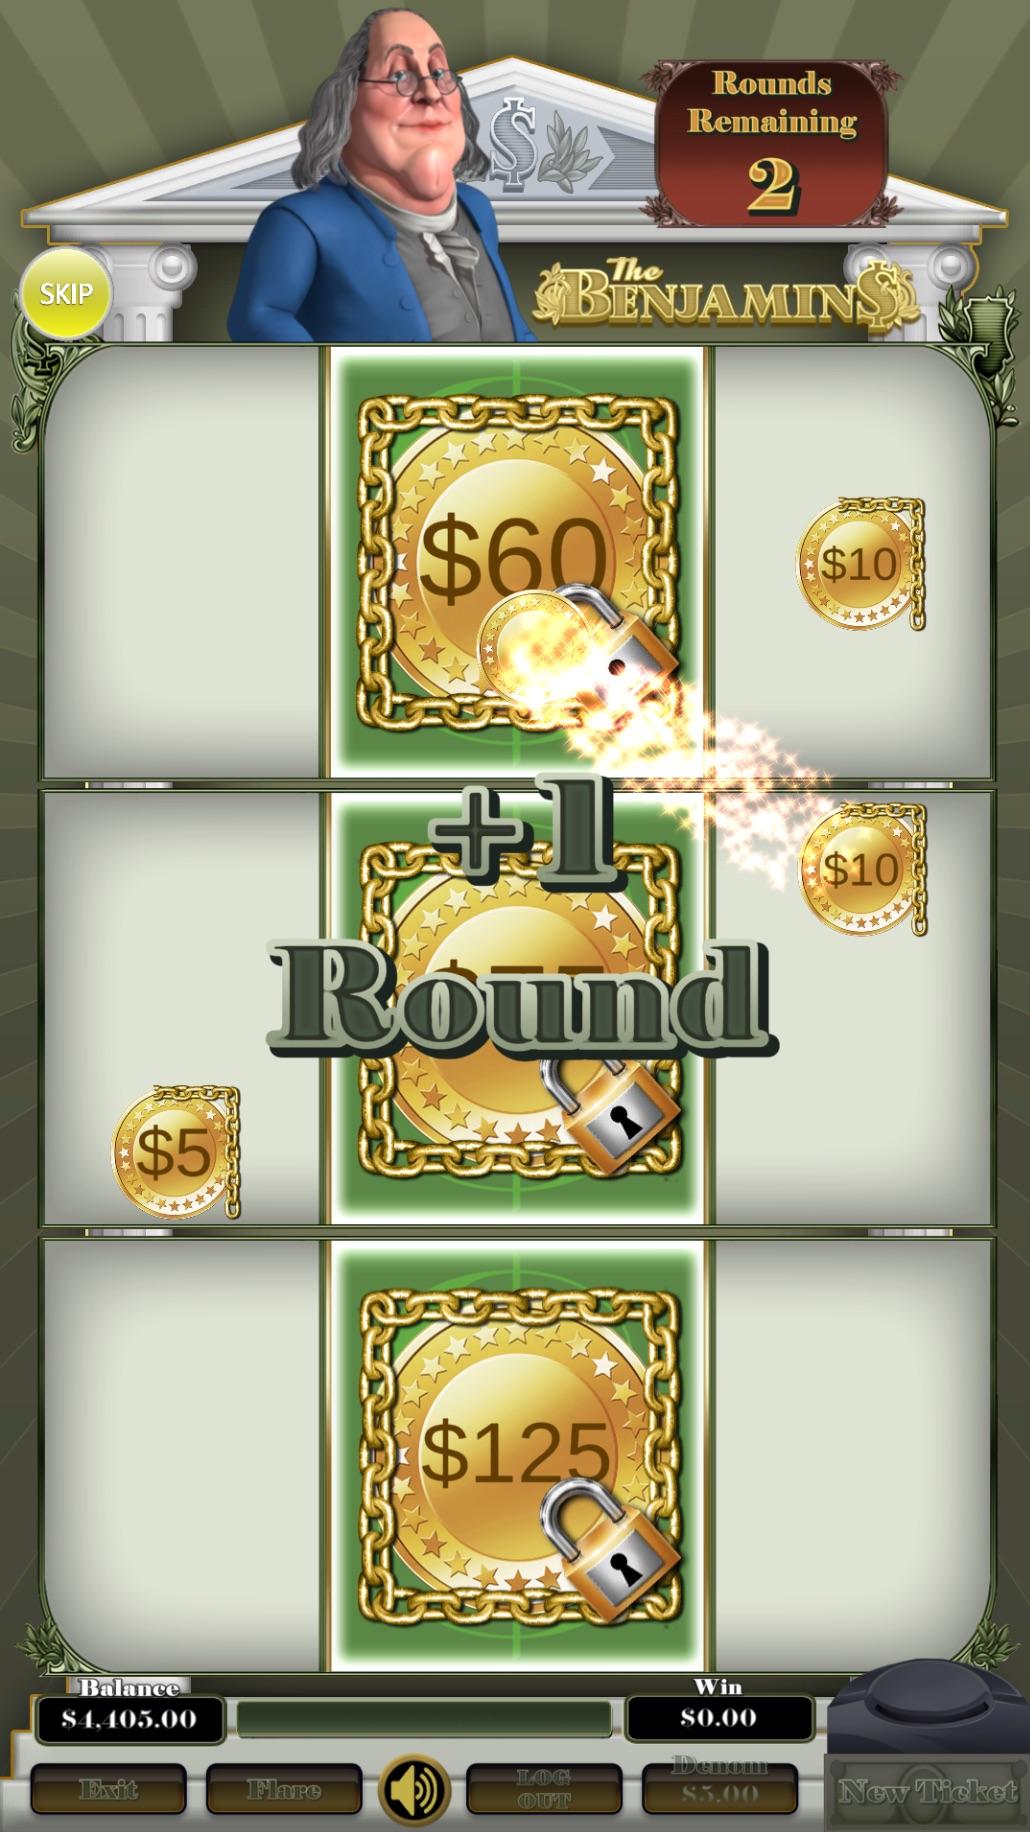 Benjamins-vertical-pull-tab-pick-and-win-screen